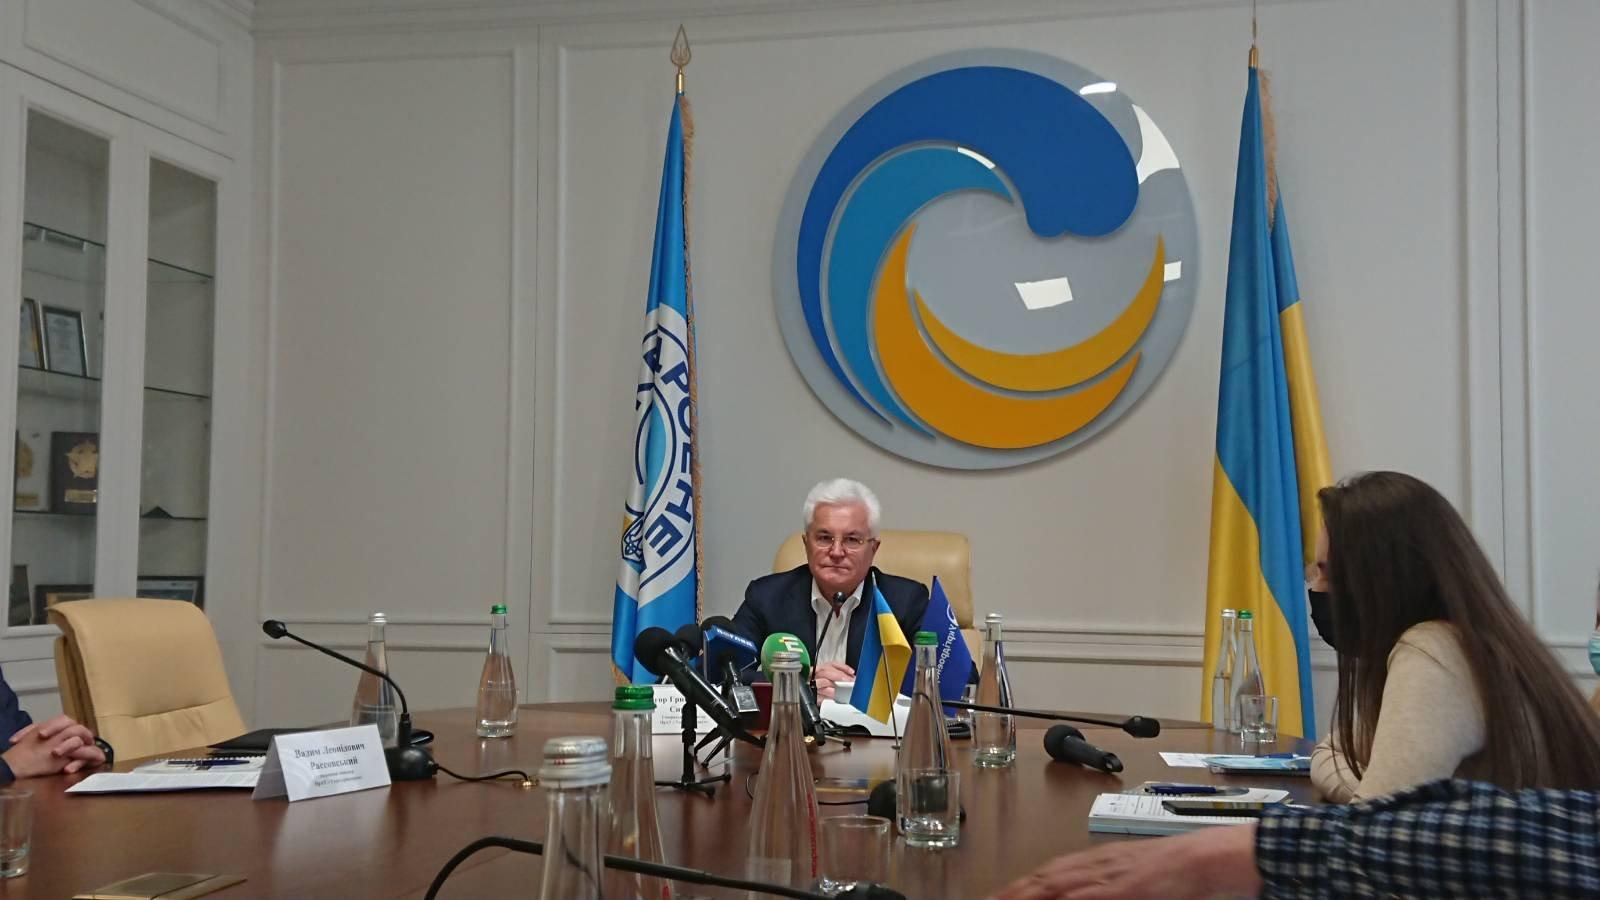 выработка электроэнергии на ГЭС и ГАЭС, Укргидроэнерго, Игорь Сирота